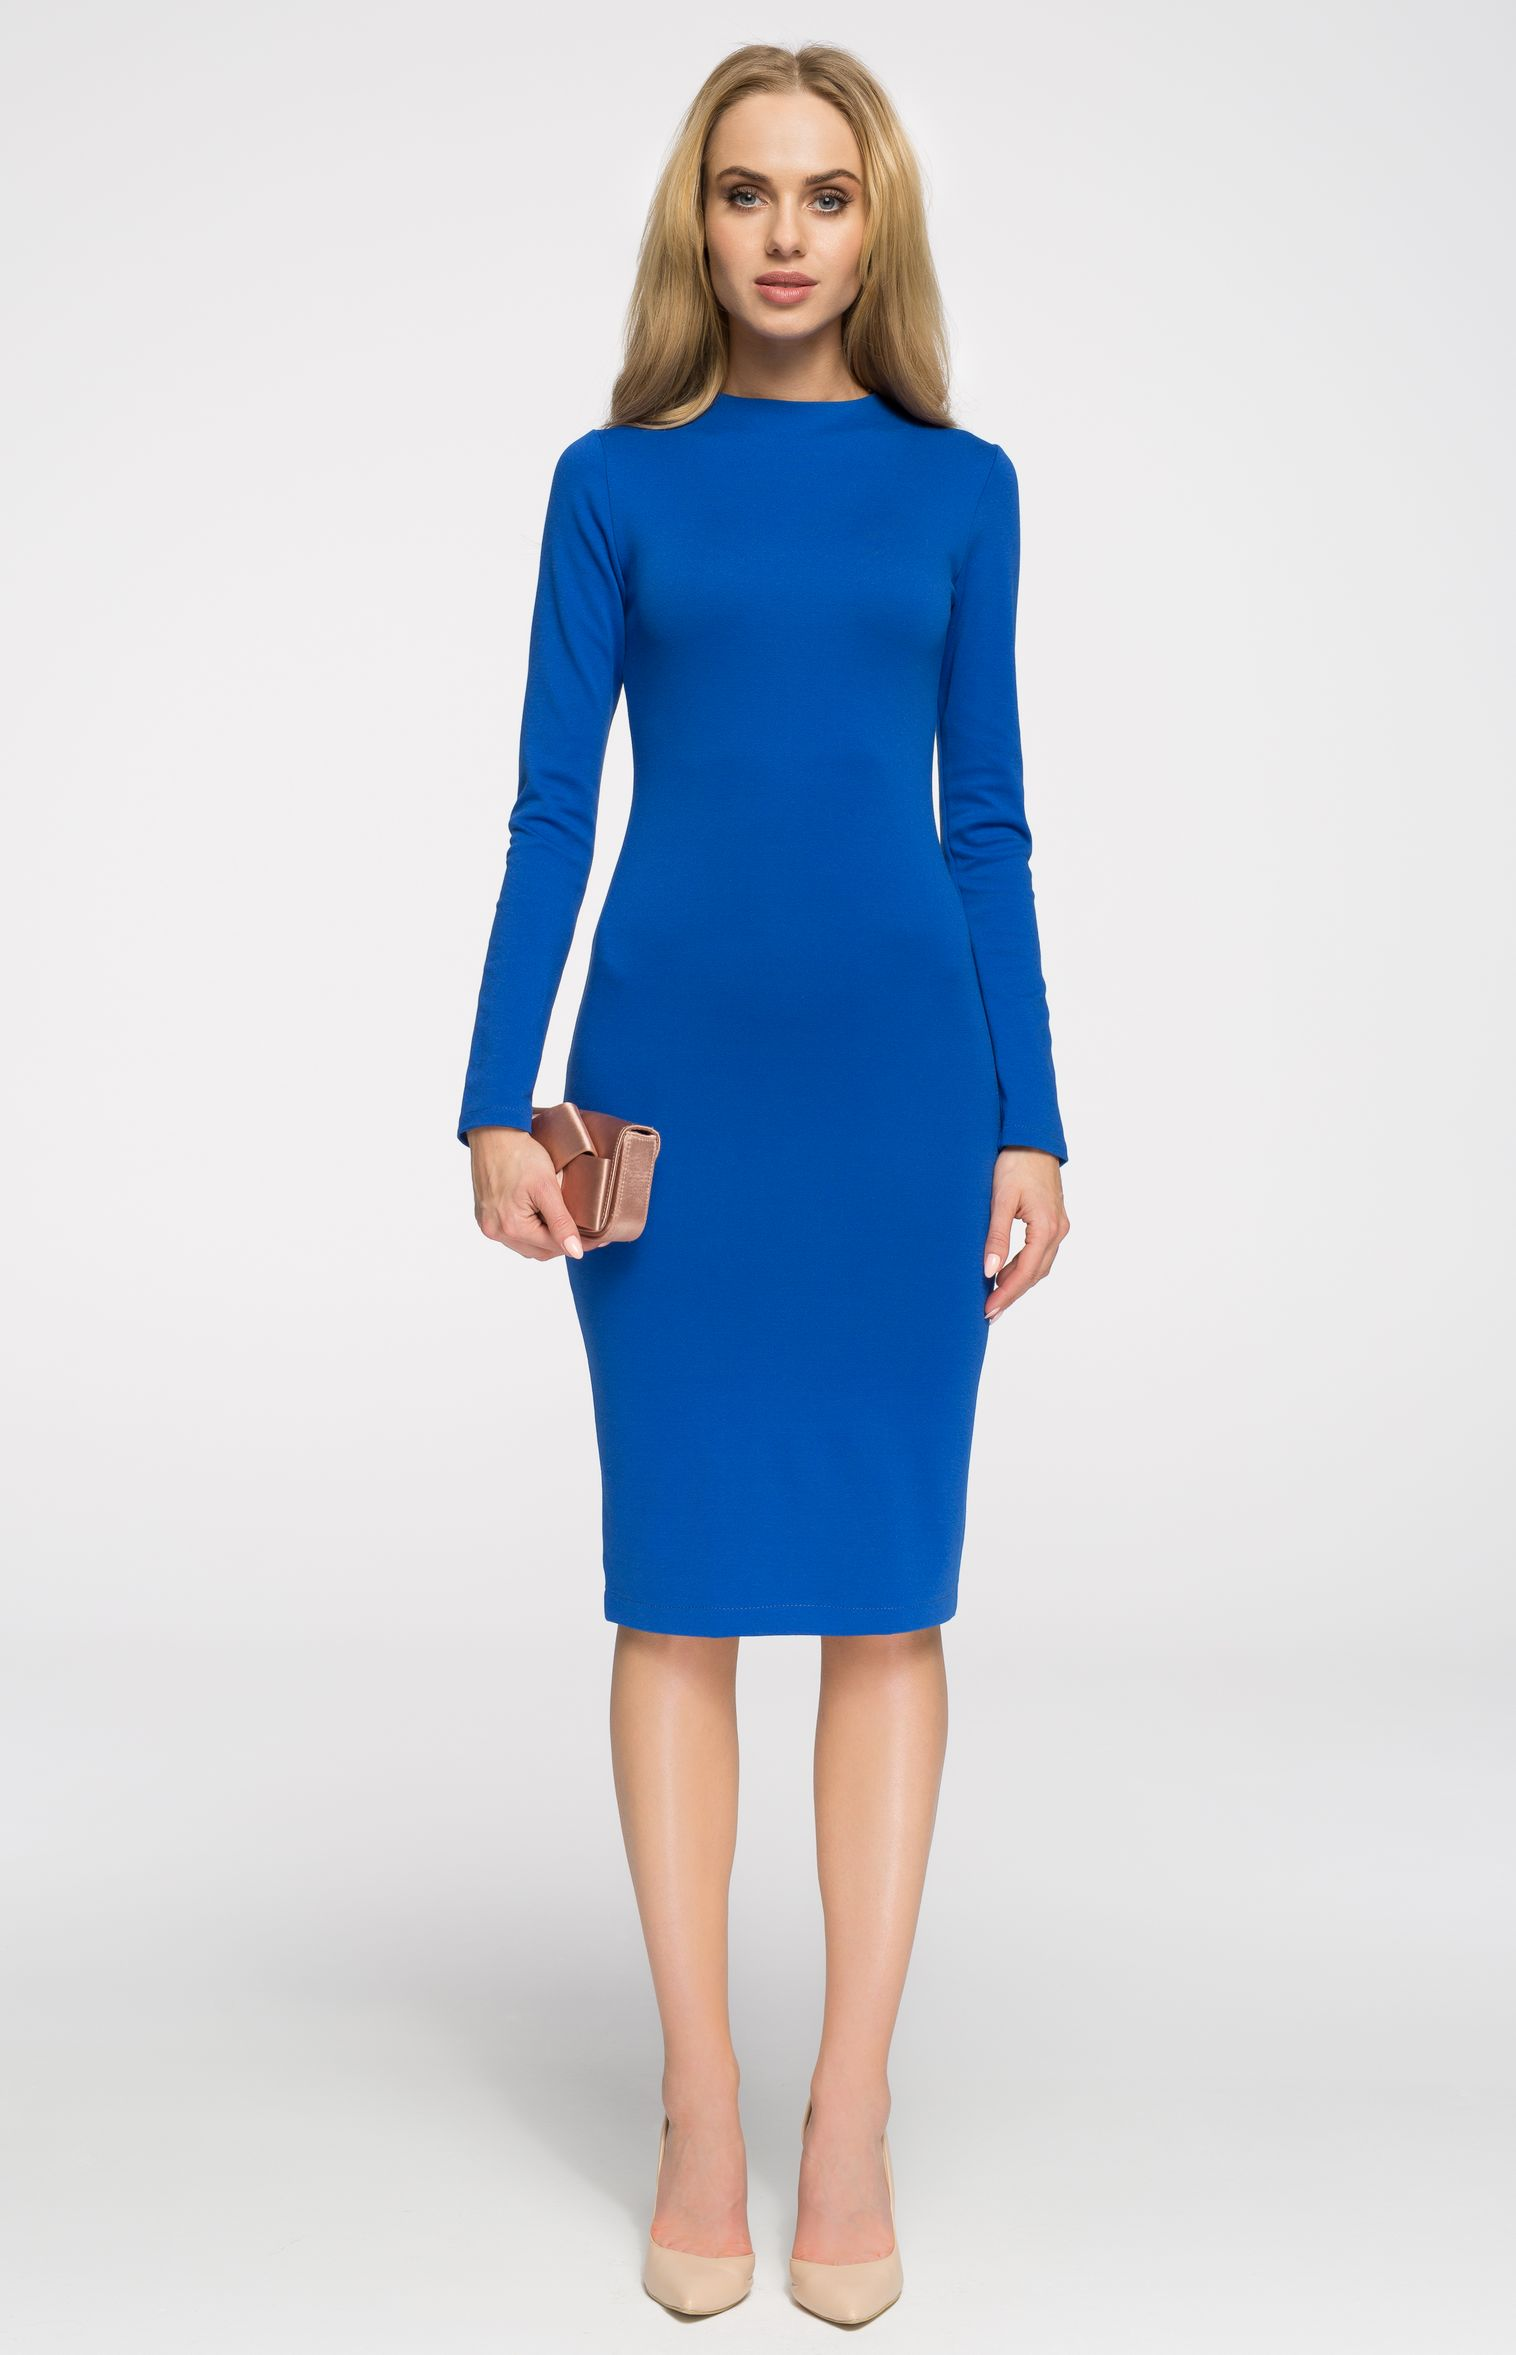 Robe Fourreau Cosy Bleu Roi Style S033br Idresstocode Boutique De Deshabilles Et Nuisettes Robes Et Jupes